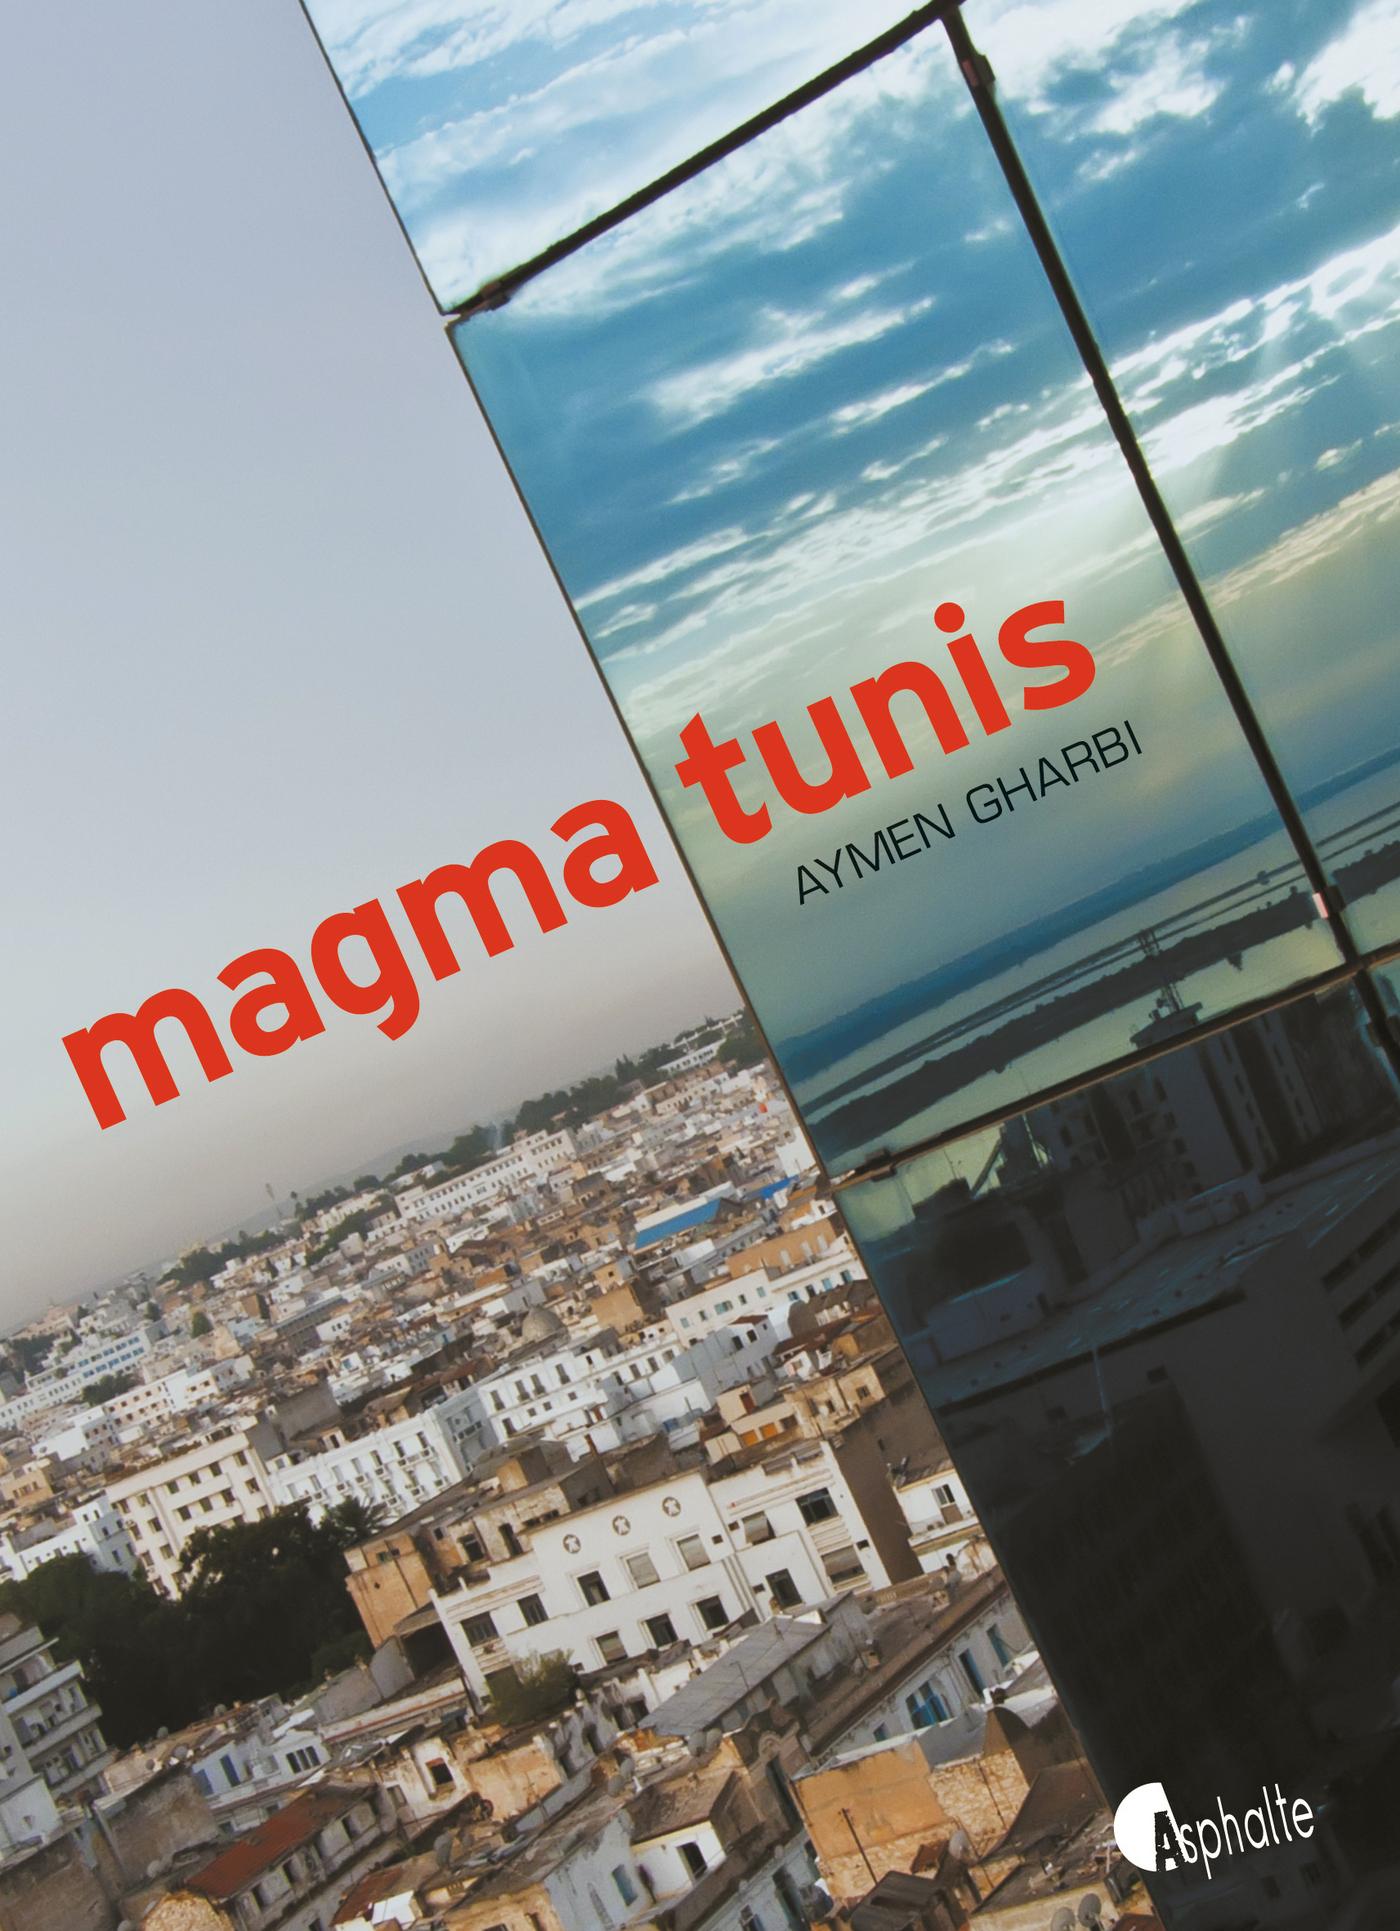 Magma Tunis |